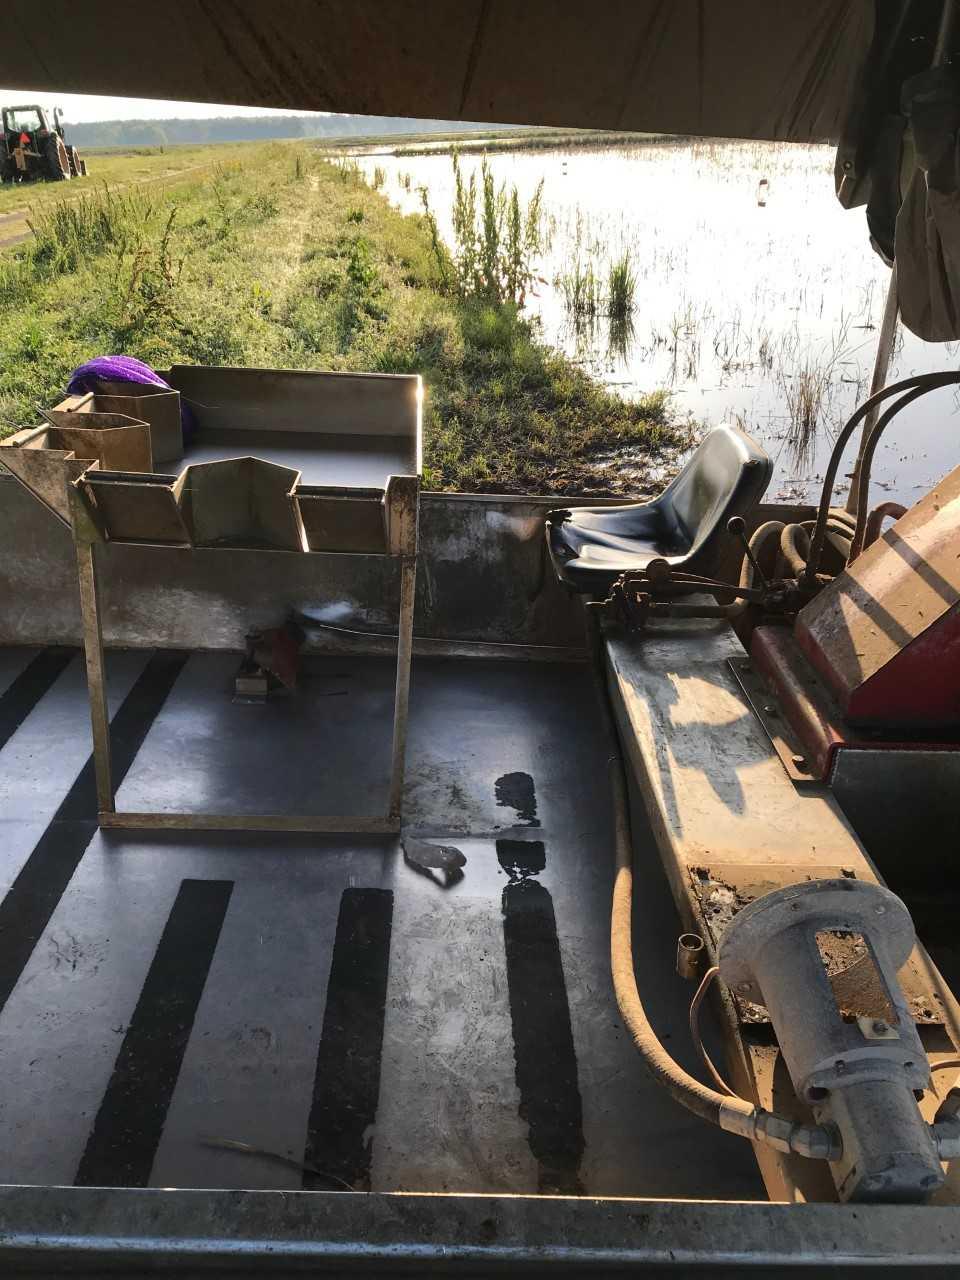 Boat motor 1_1554915635529.JPG.jpg